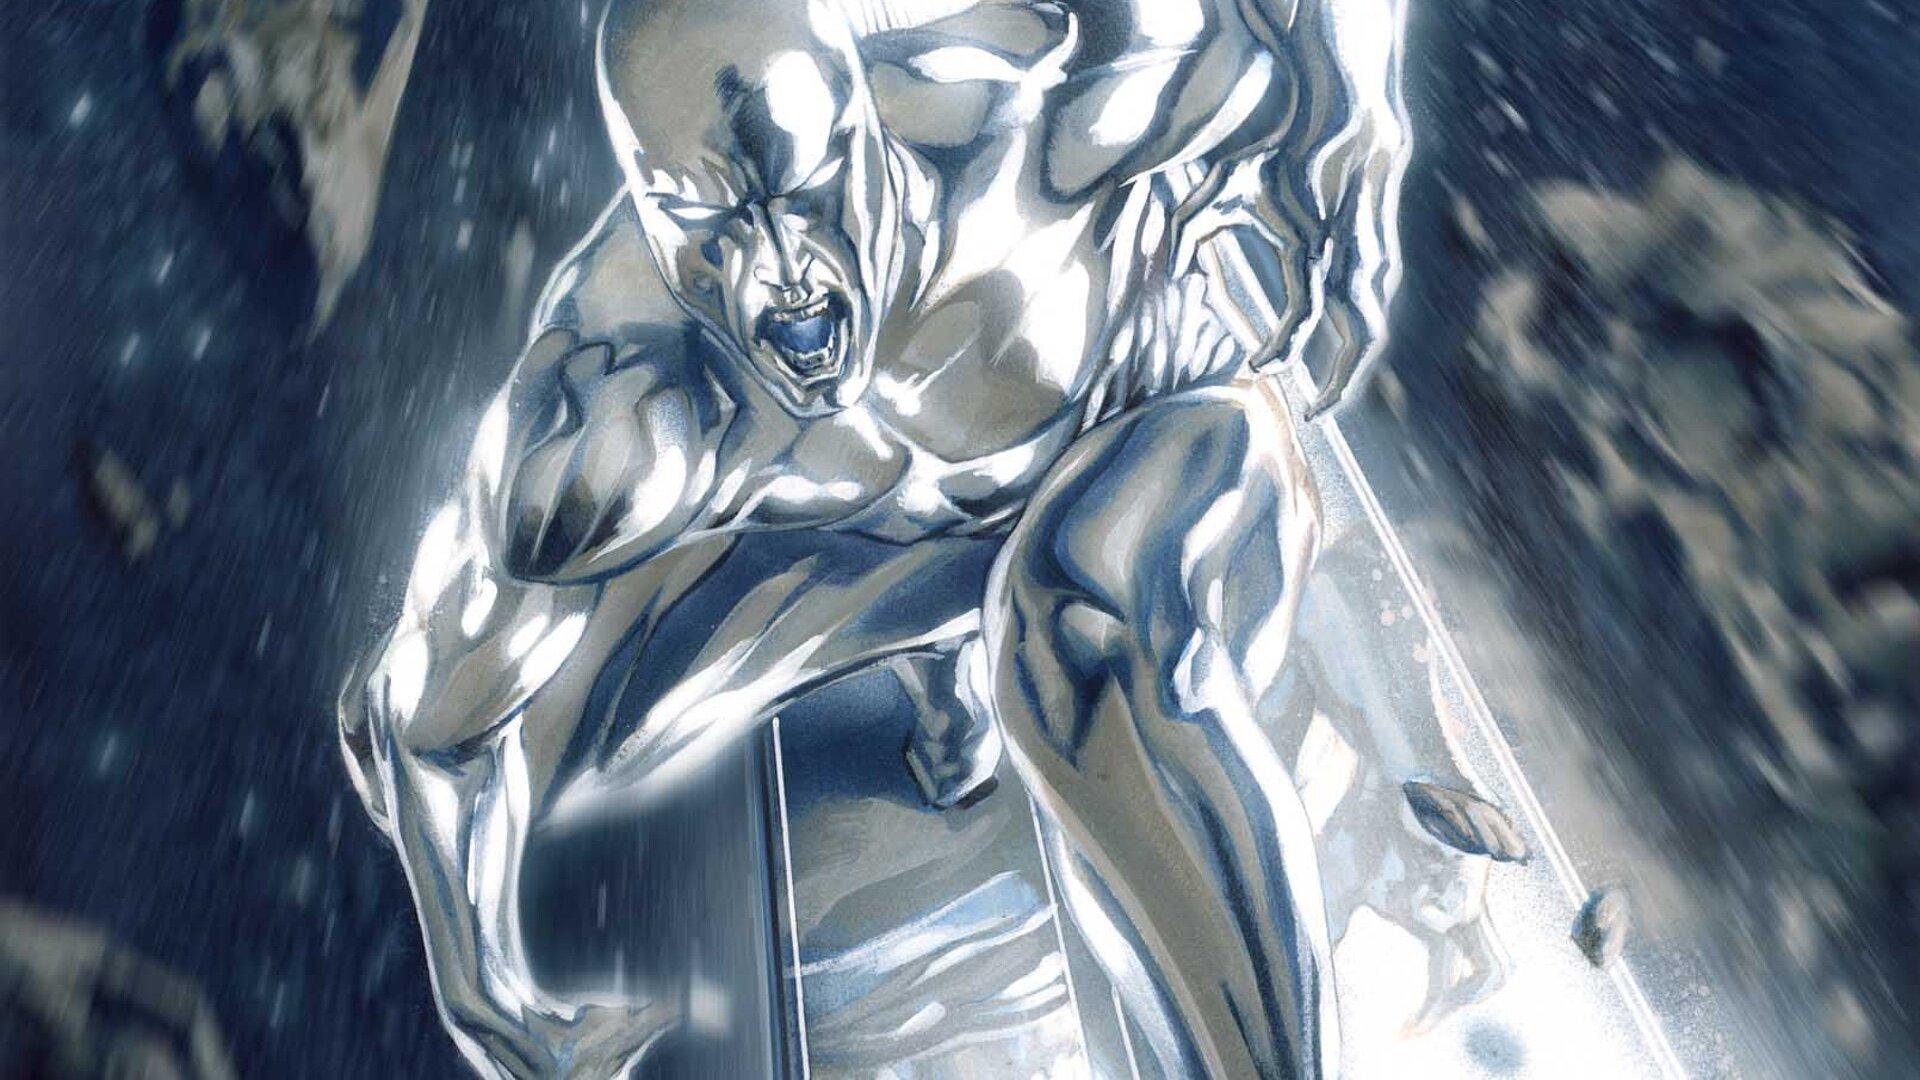 Hasil gambar untuk silver surfer